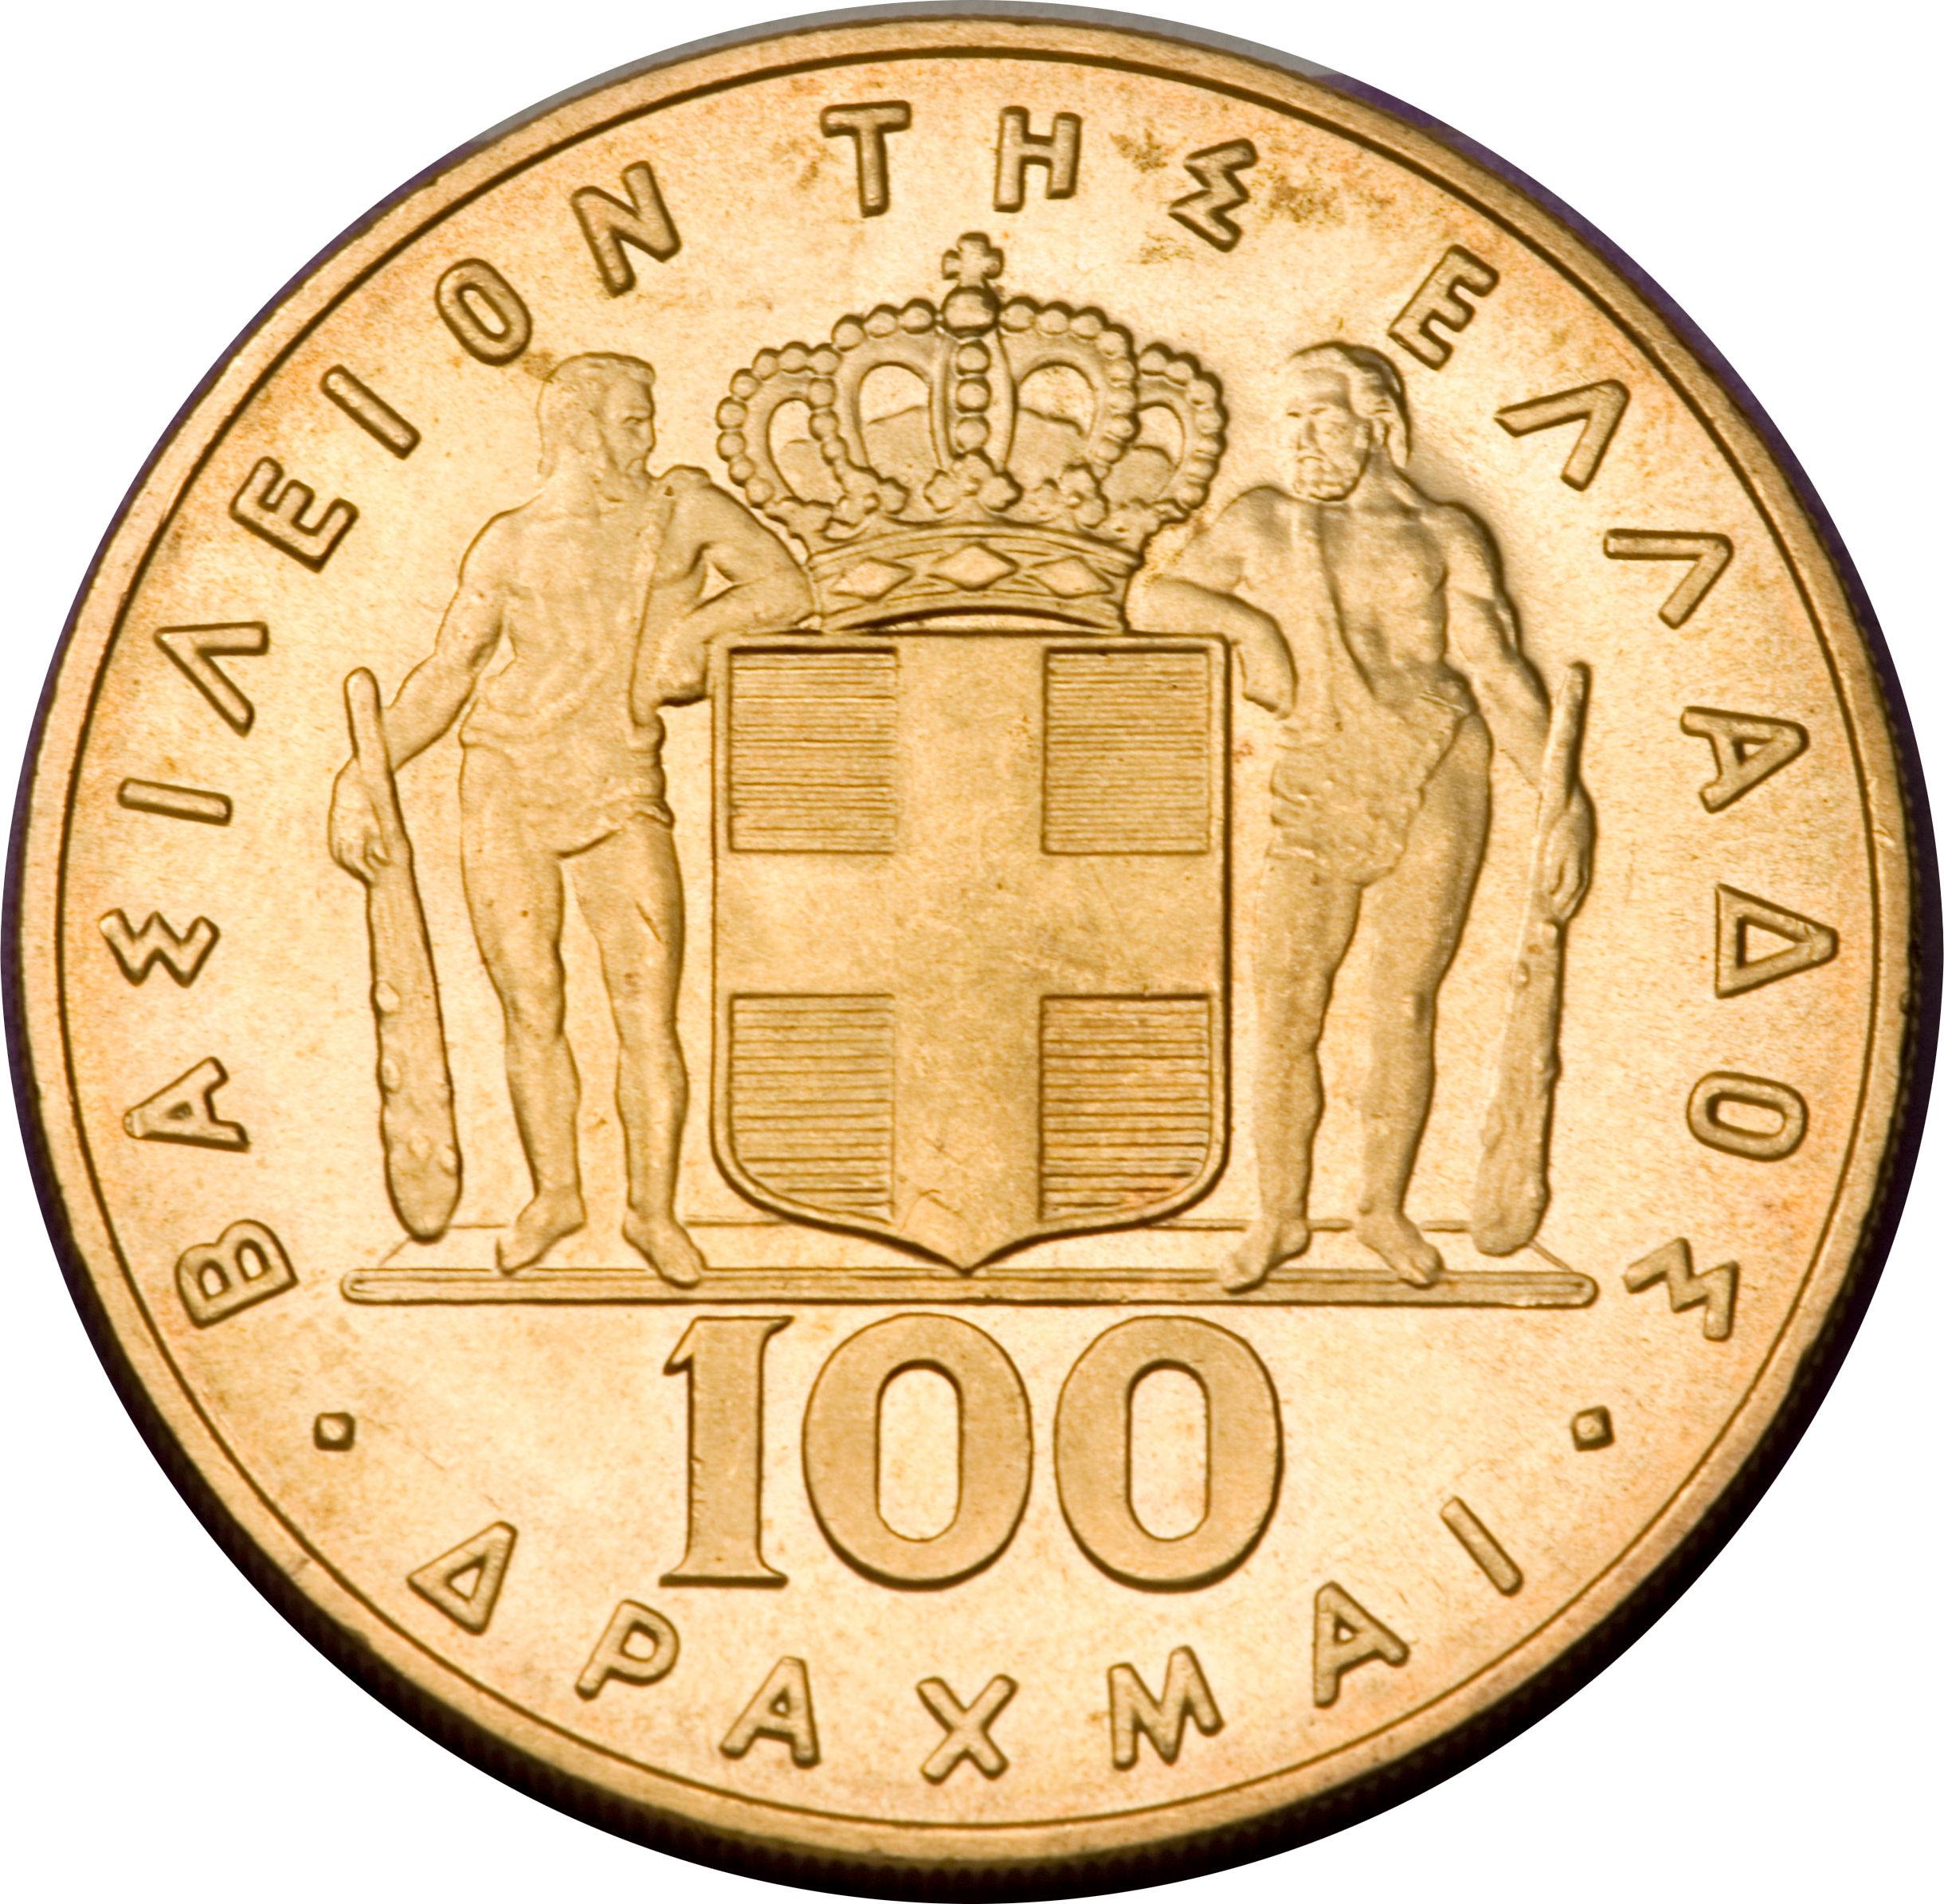 7 Greek Coins 1 Drachma to 100 drachmai 1990 F-XF Greek Democracy 6 Greece No